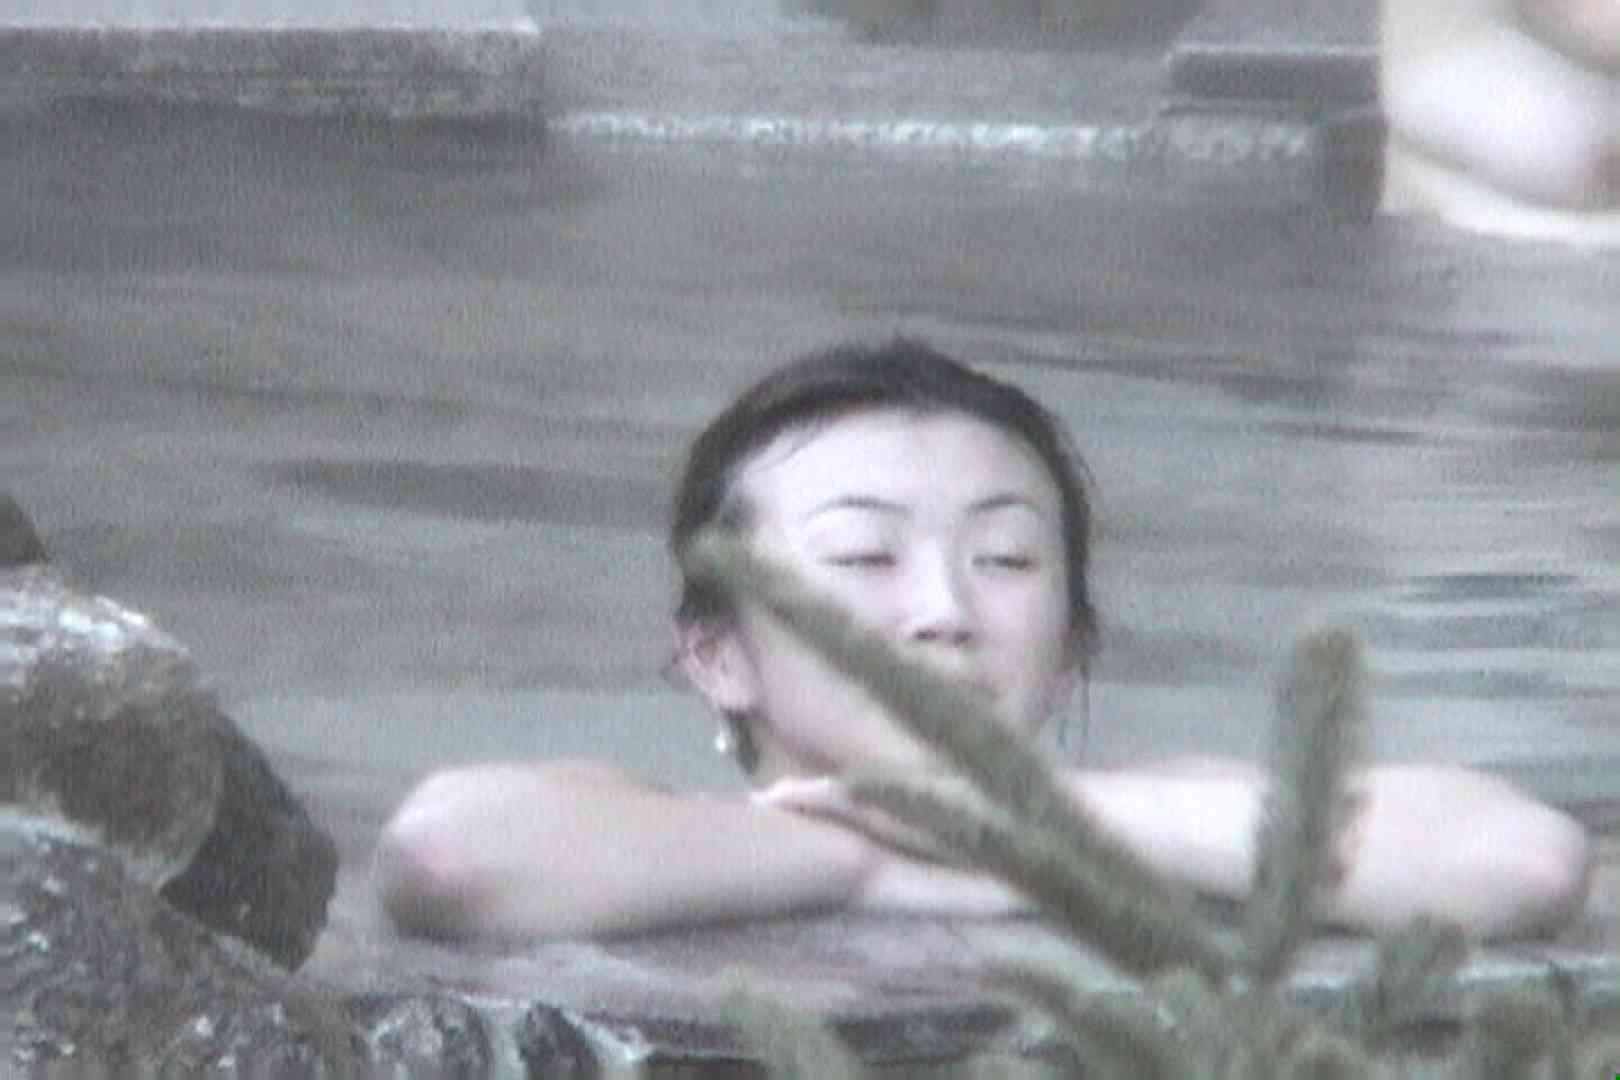 Aquaな露天風呂Vol.561 0  80pic 25